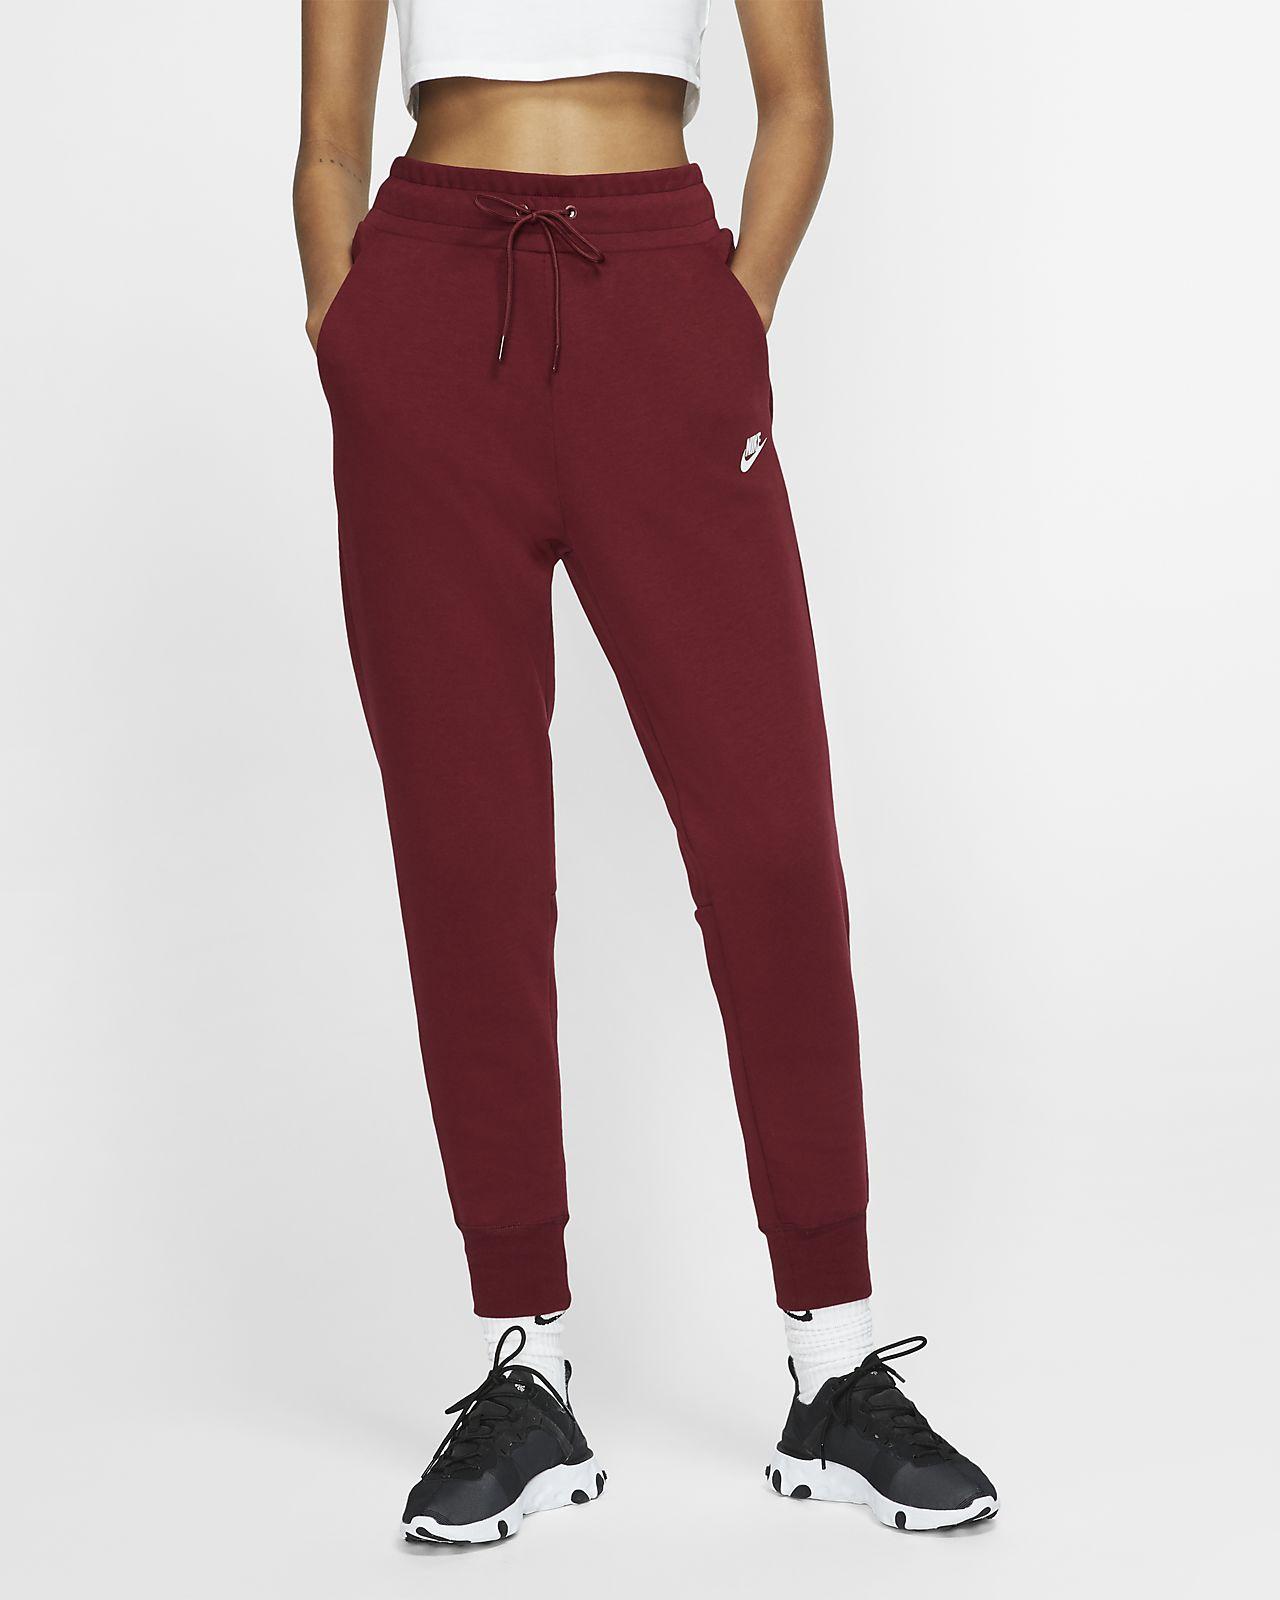 discount sale exquisite design new cheap Pantalon Nike Sportswear Tech Fleece pour Femme